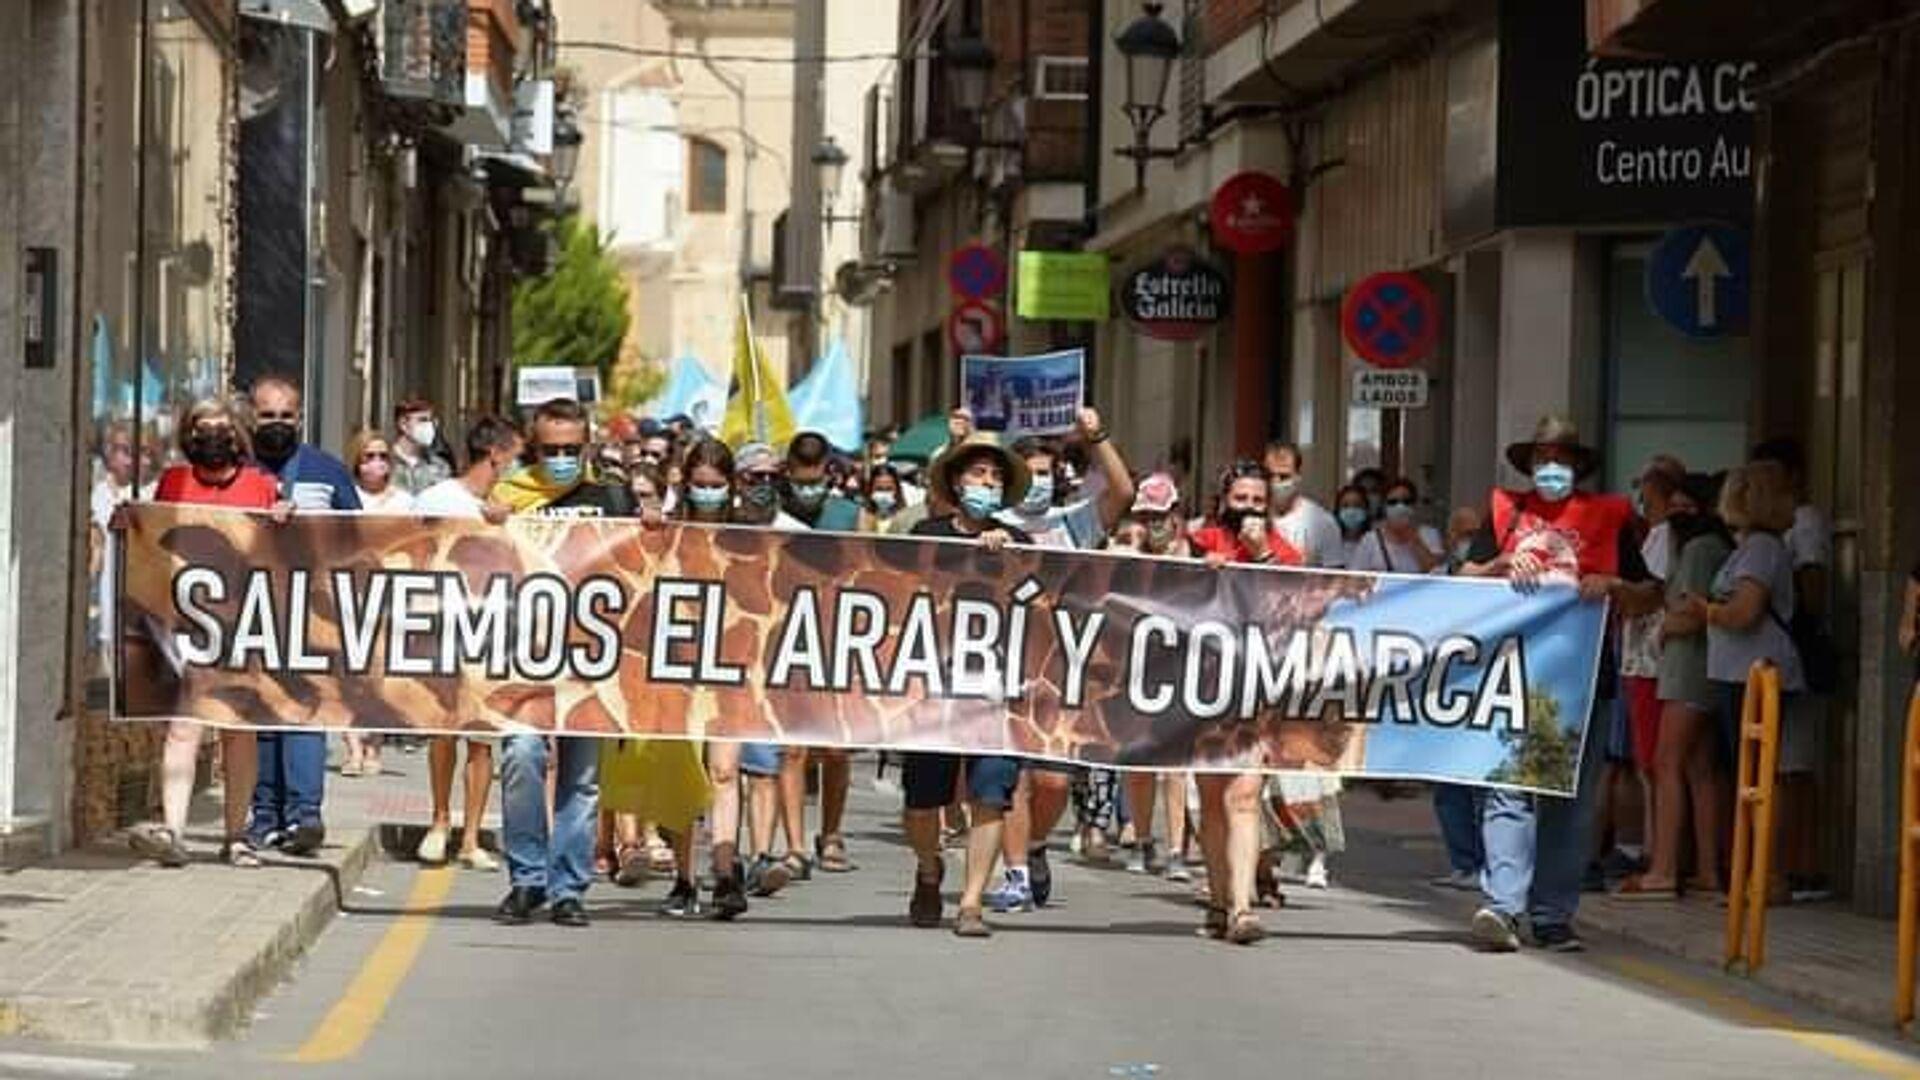 Manifestación contra la instalación de una macrogranja en Yecla, al sureste de España - Sputnik Mundo, 1920, 27.07.2021